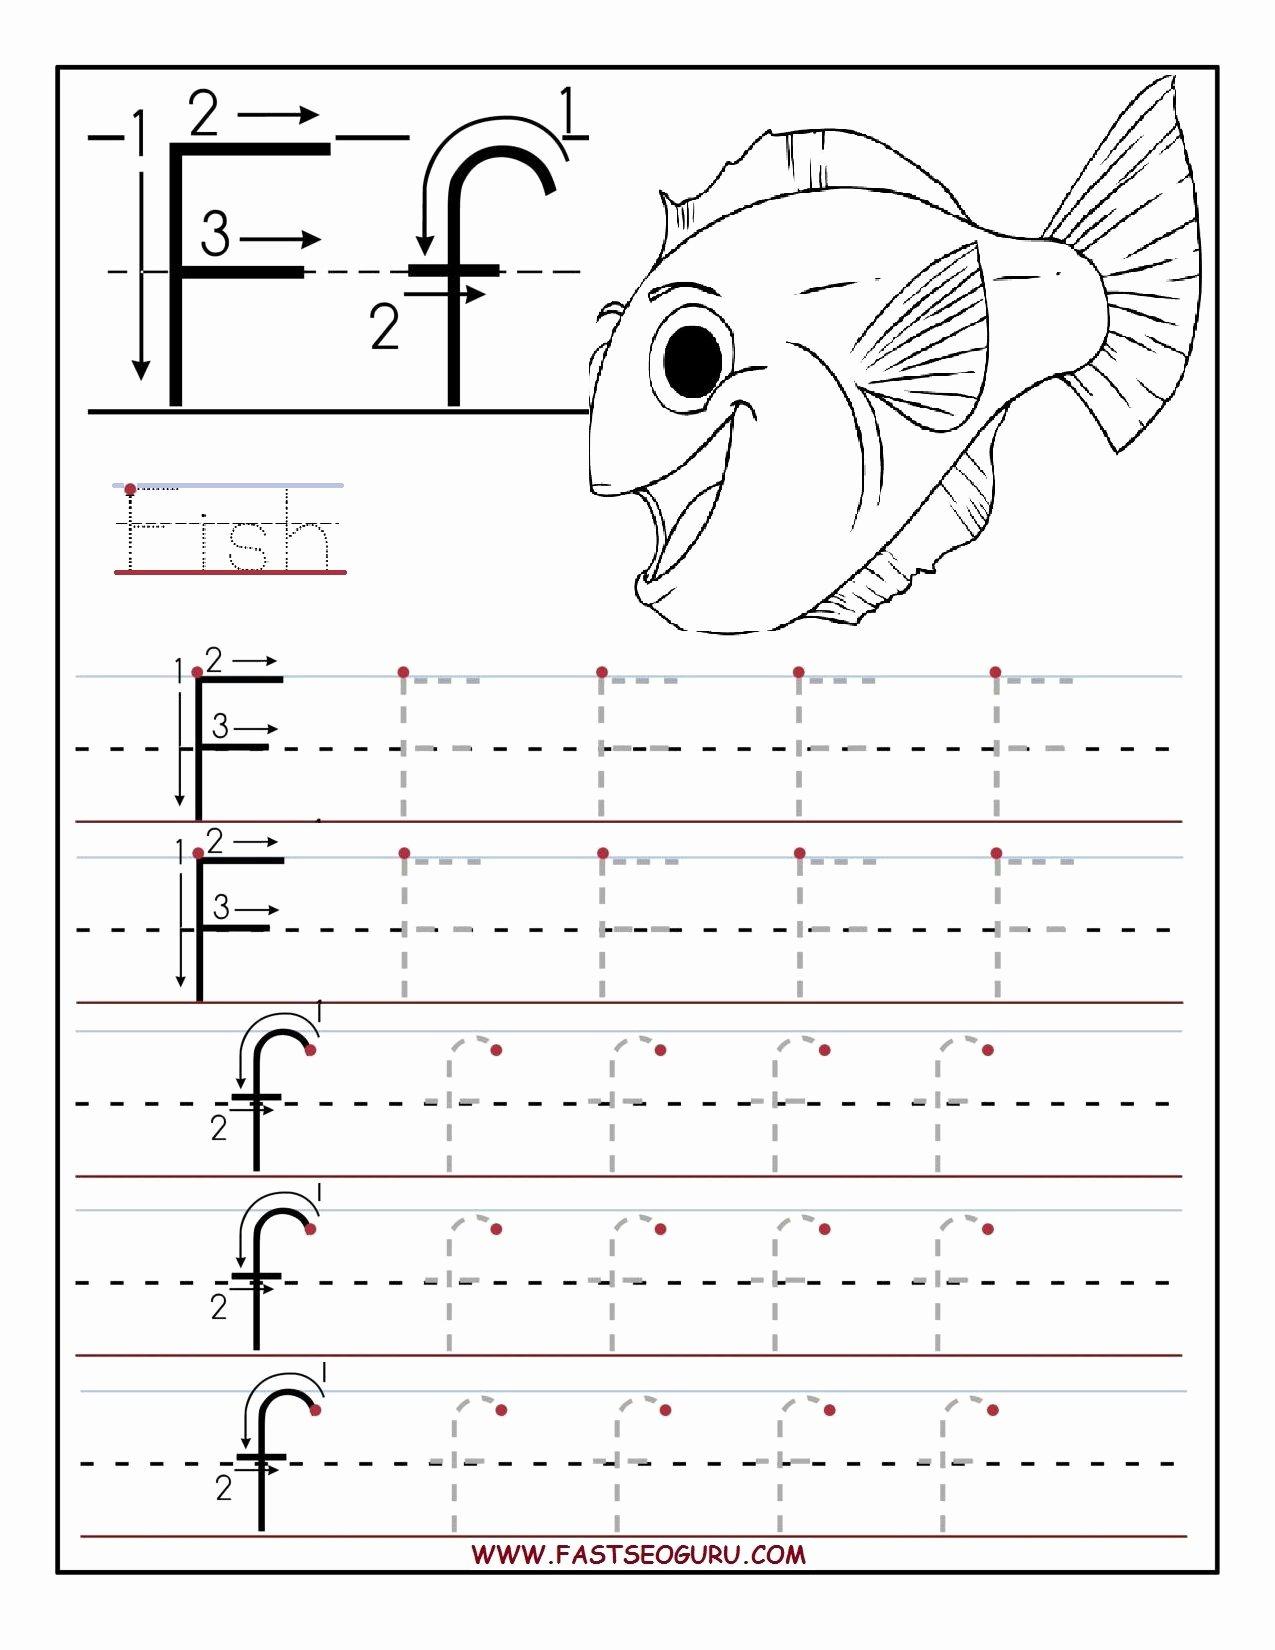 Printable Letter Worksheets for Preschoolers Ideas Printable Letter F Tracing Worksheets for Preschool